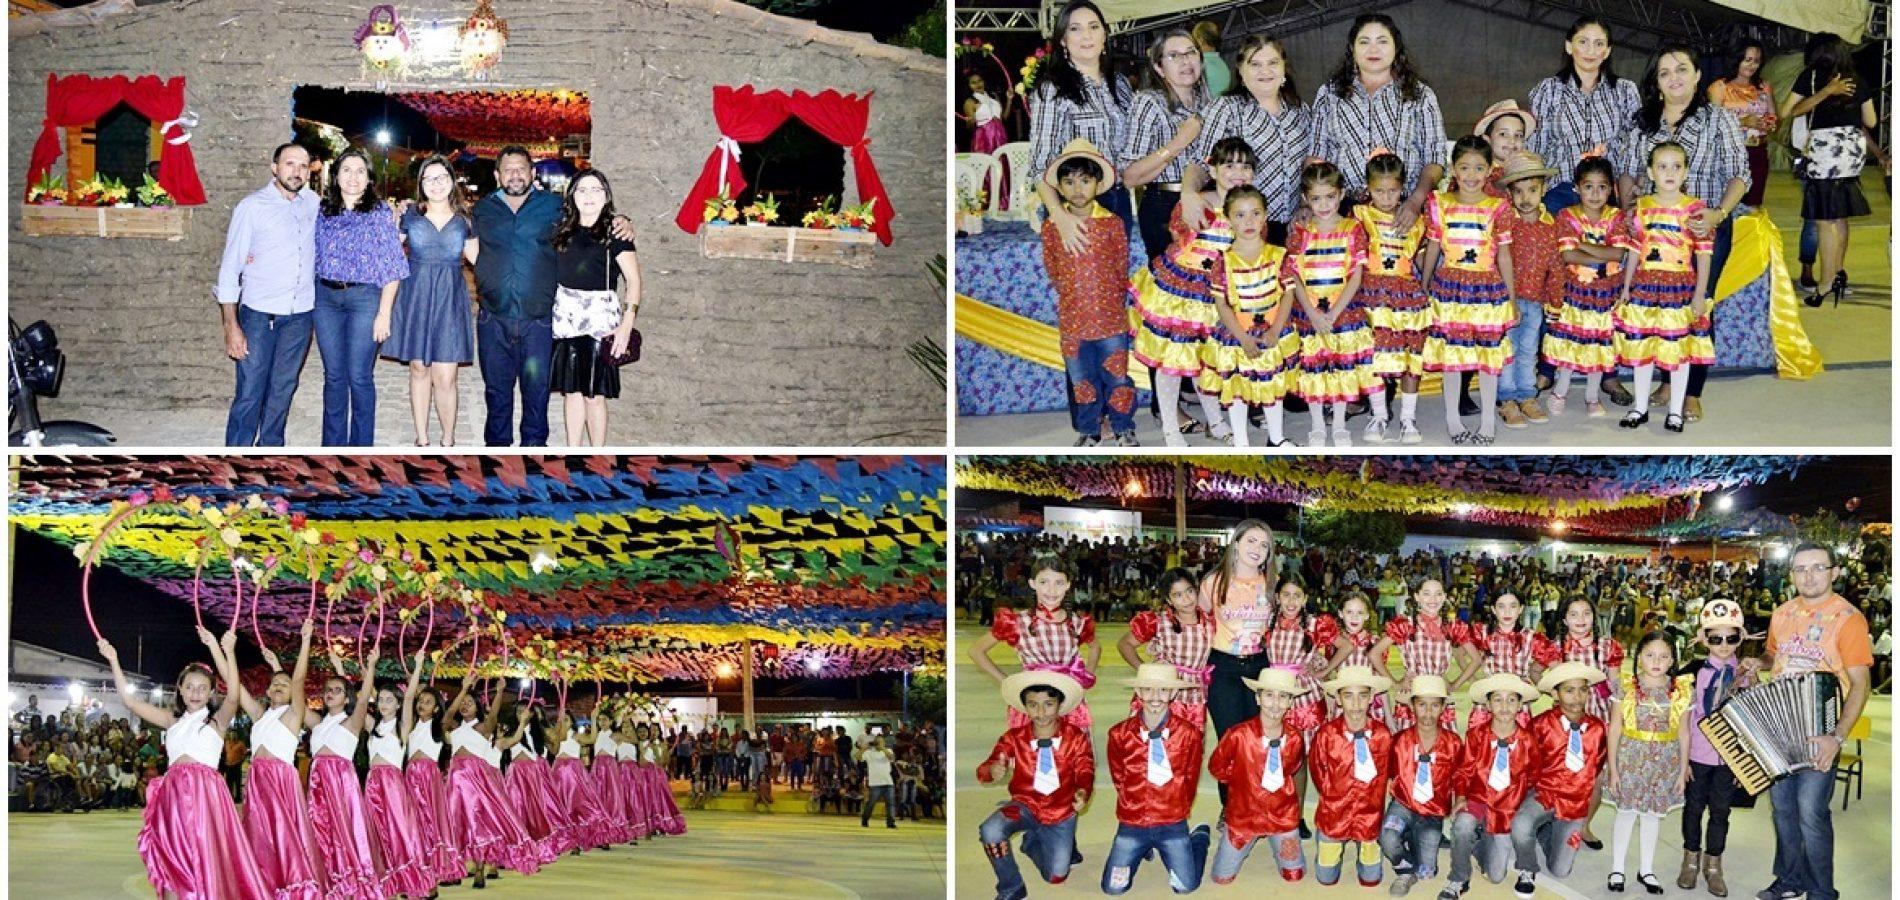 Apresentações culturais abrem o VI 'Arraiá do Caboclo Nordestino' em Belém do Piauí; veja fotos